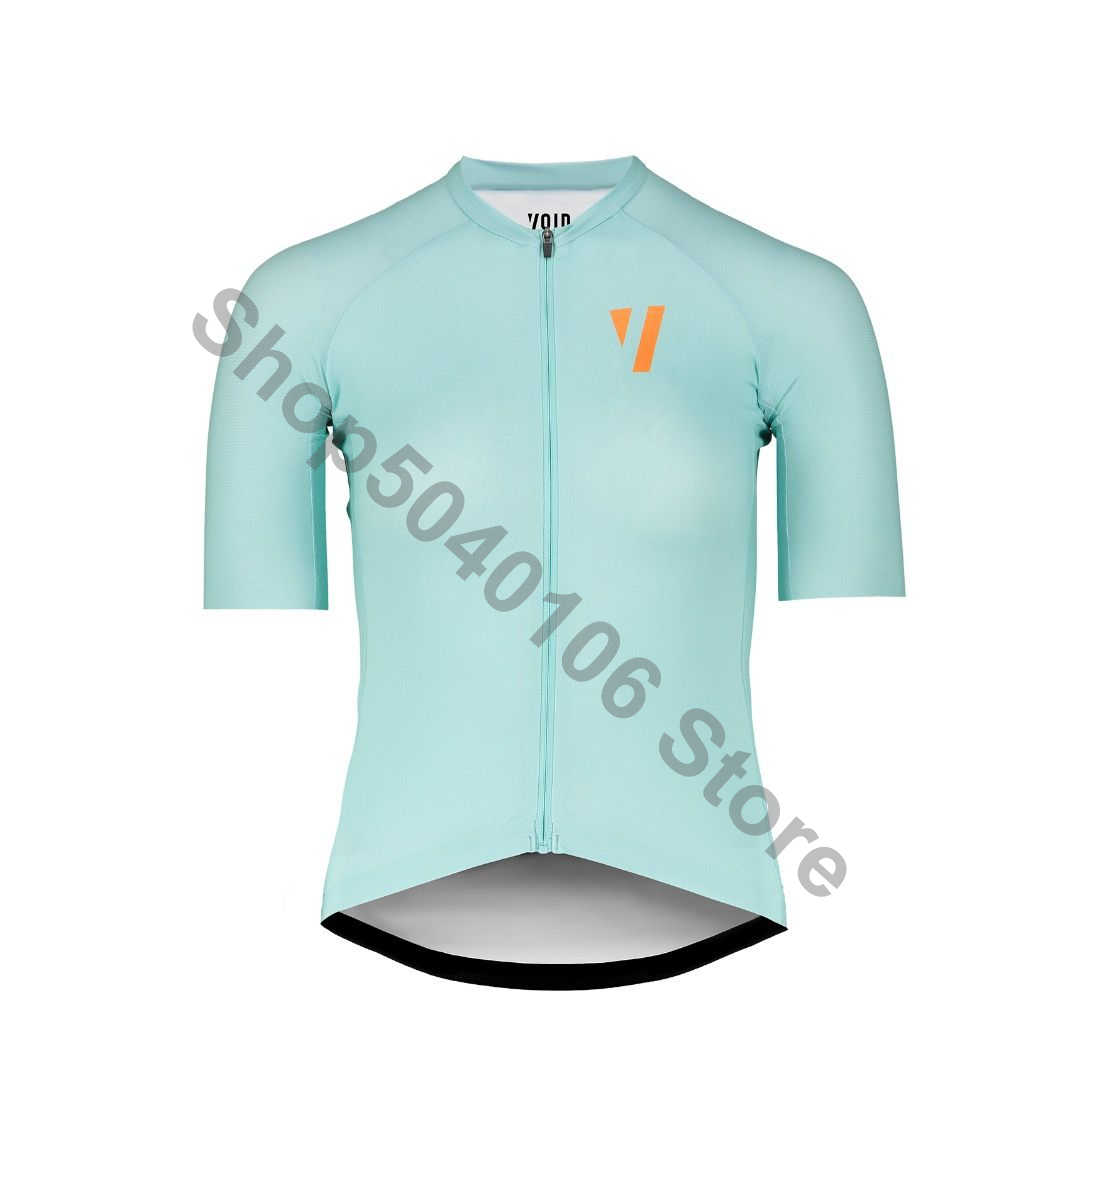 Nichtig 2019 Radfahren Jersey Kurzarm Mountainbike Kleidung Sommer Racing Bike Radfahren Kleidung Maillot Ropa Ciclismo Hombre C24